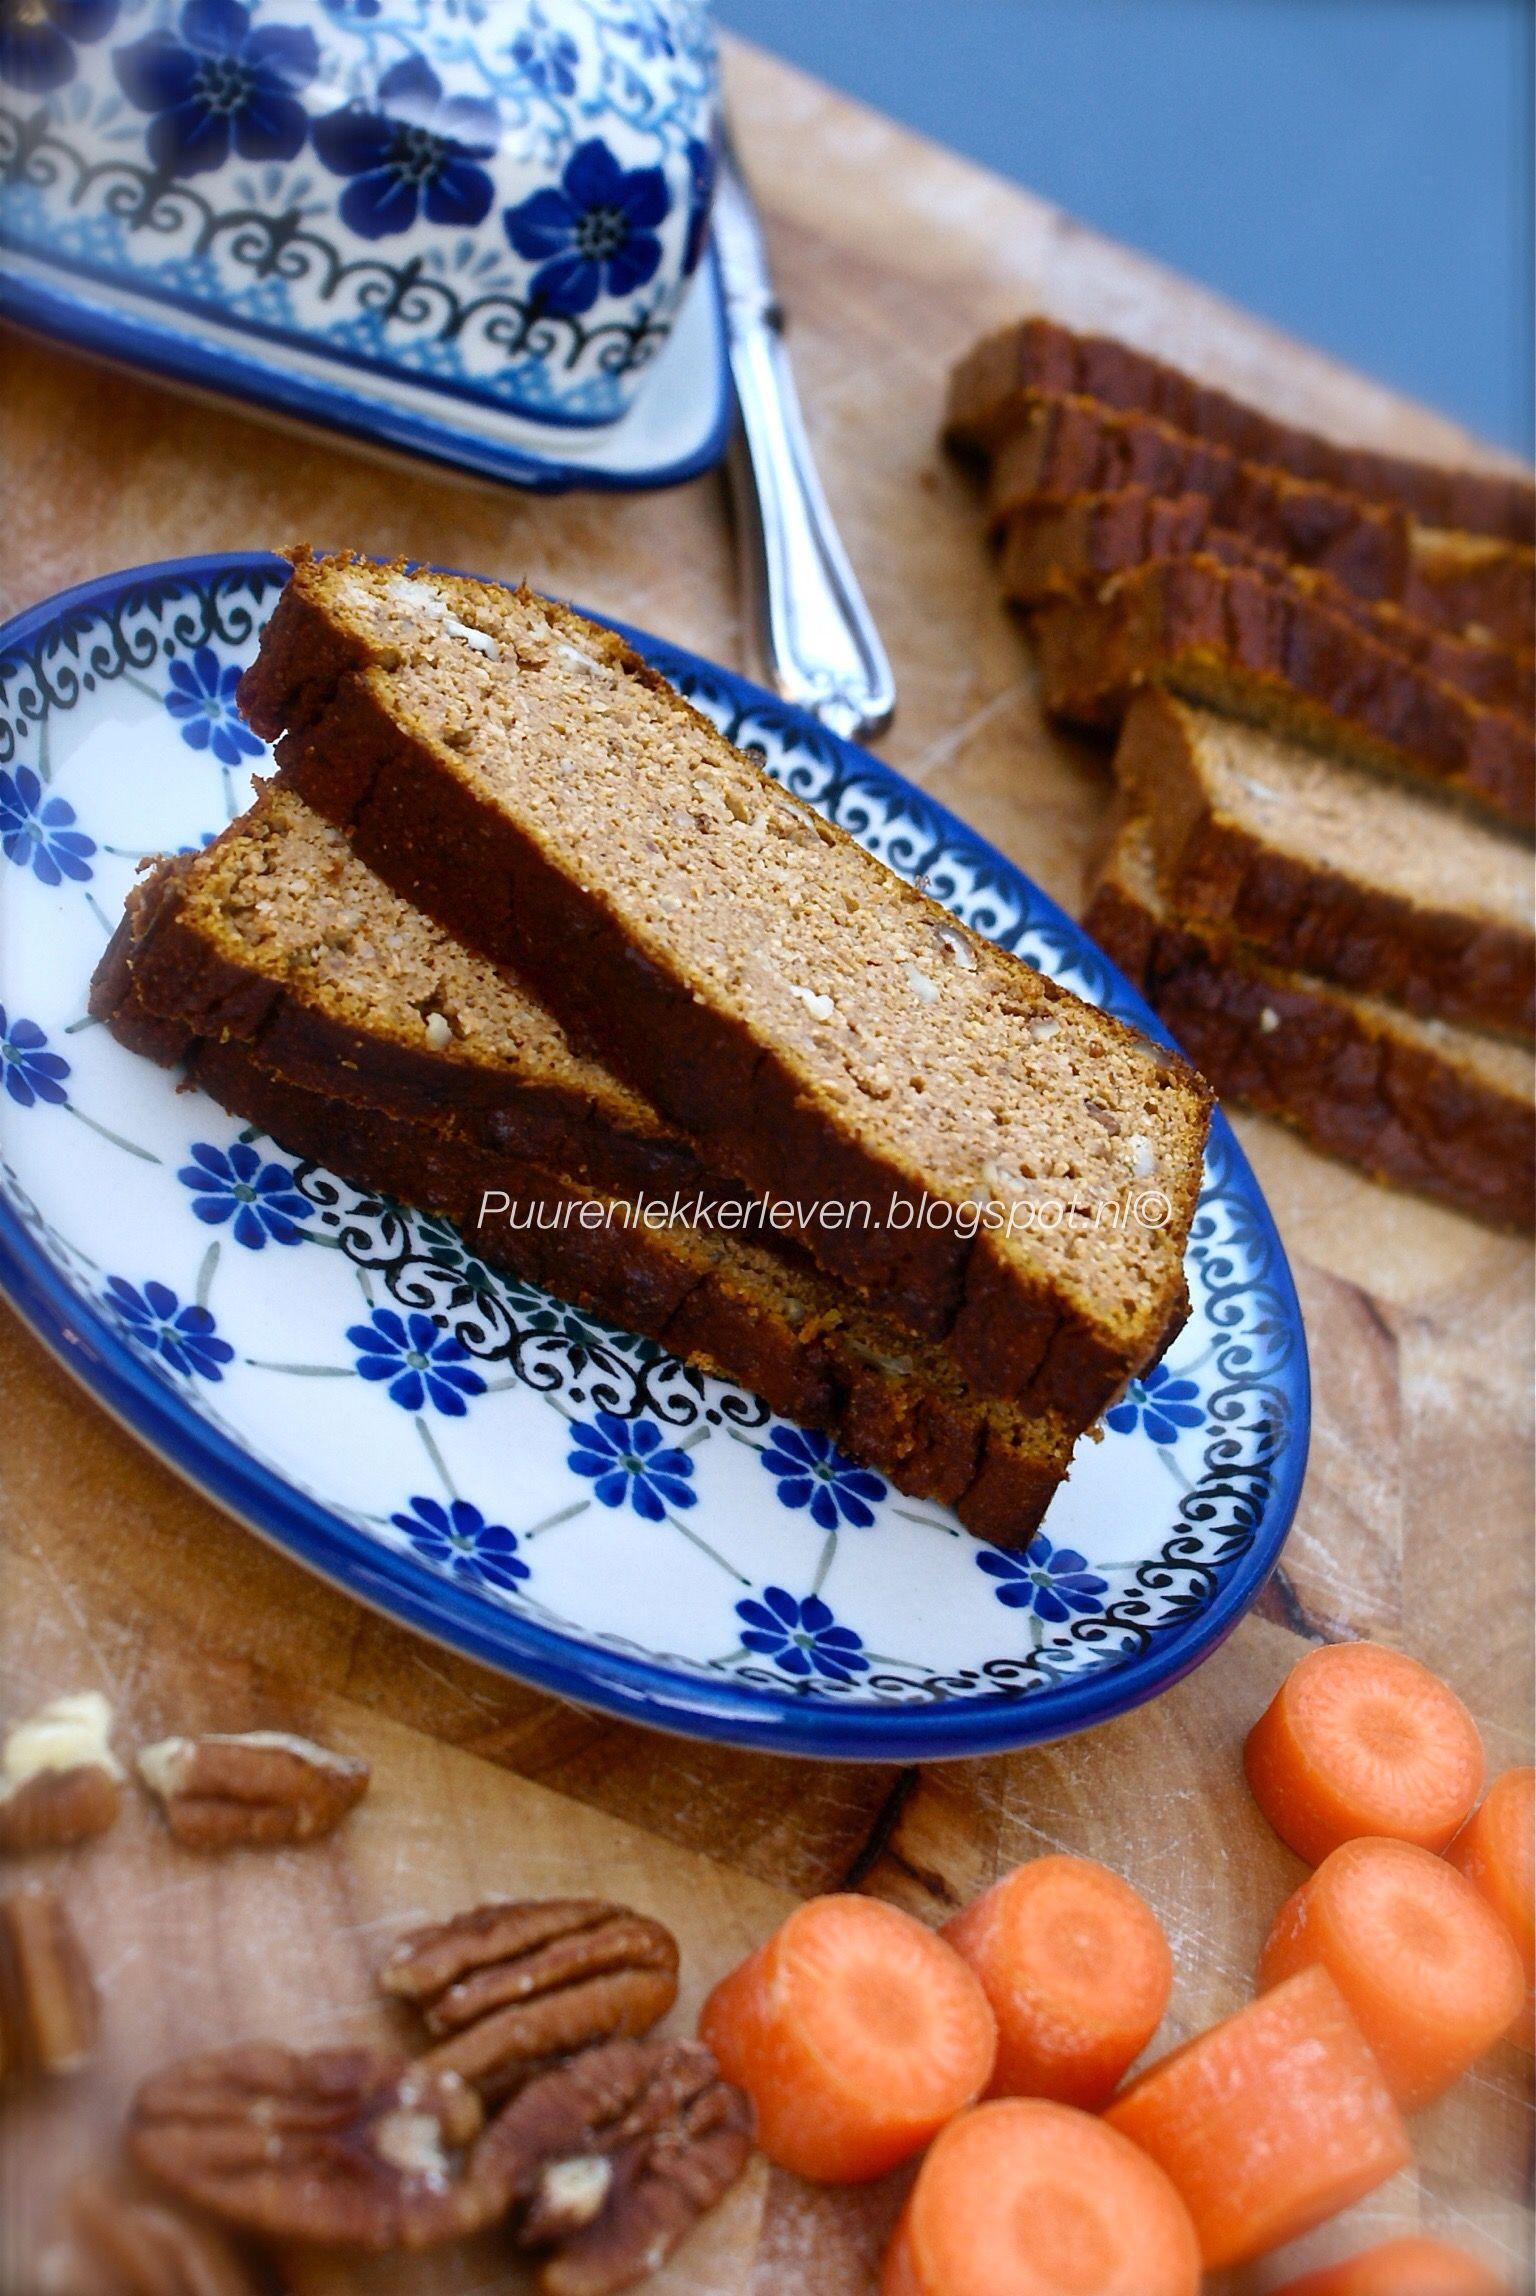 Geen bananenbrood maar wat dan? #wortel #glutenvrij #koemelkvrij #suikervrij